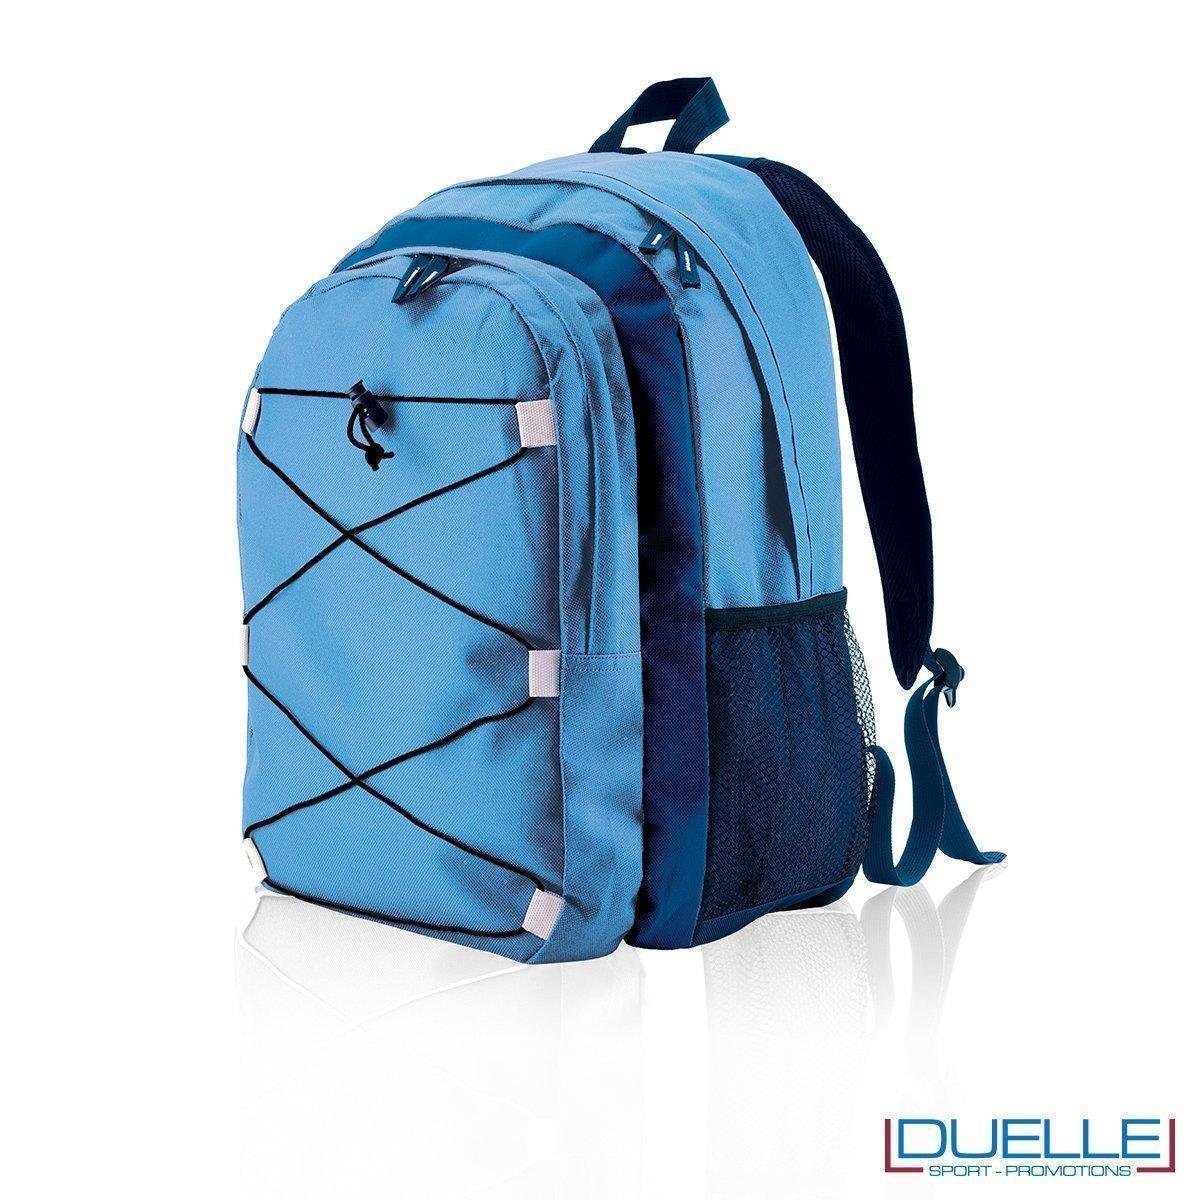 zaino personalizzato sportivo blu royal, gadget sport trekking. Zaino tipo north face